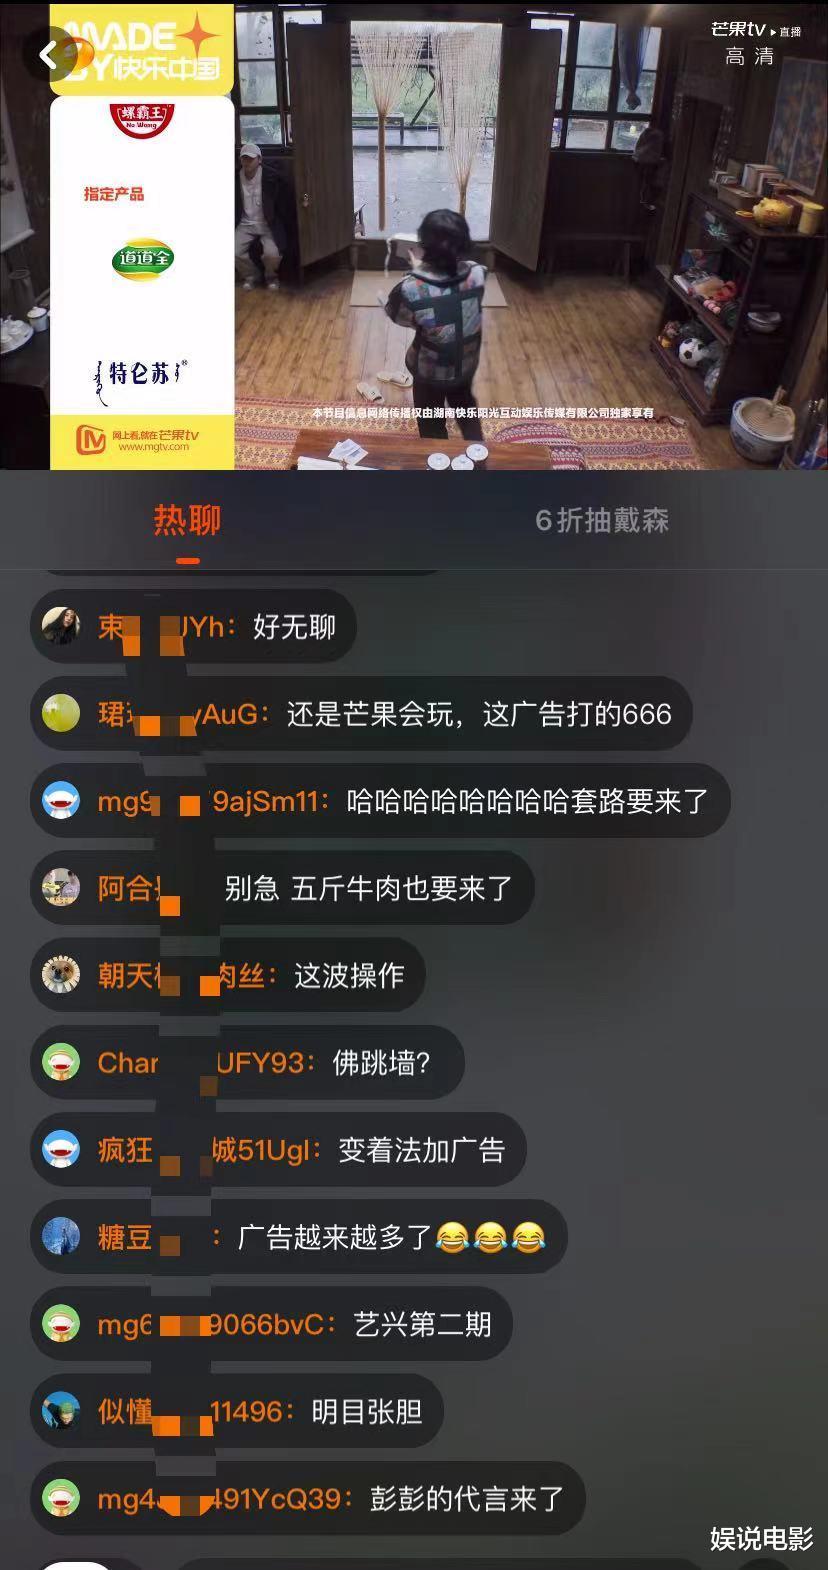 《向往的生活5》同时段收视第一,彭昱畅瘦了,网友吐槽广告太多